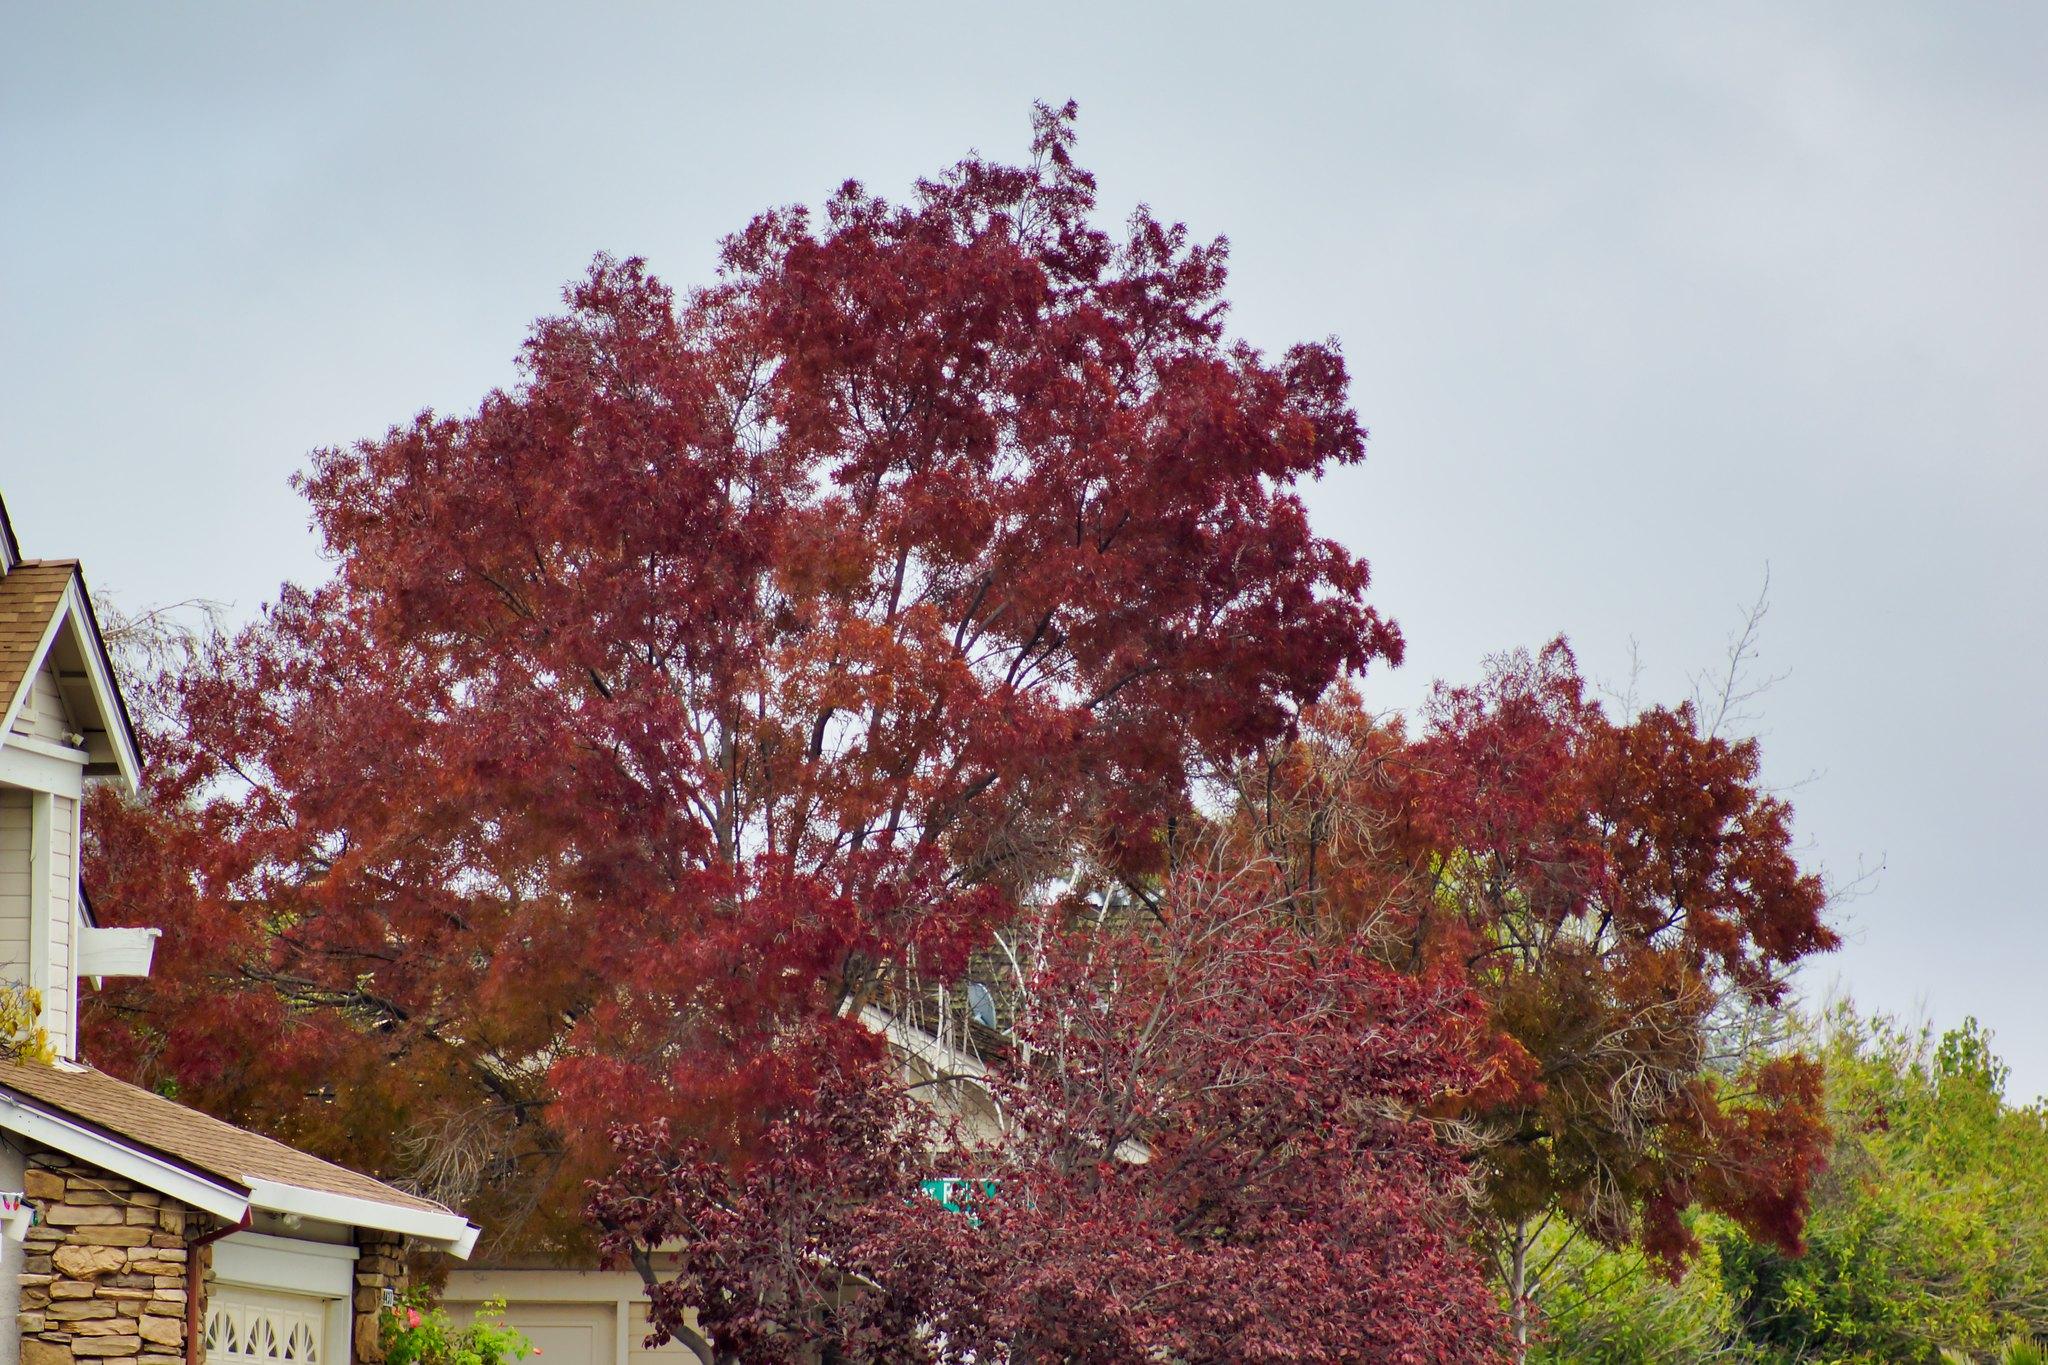 2018-11-28 - More Neighbors' Trees